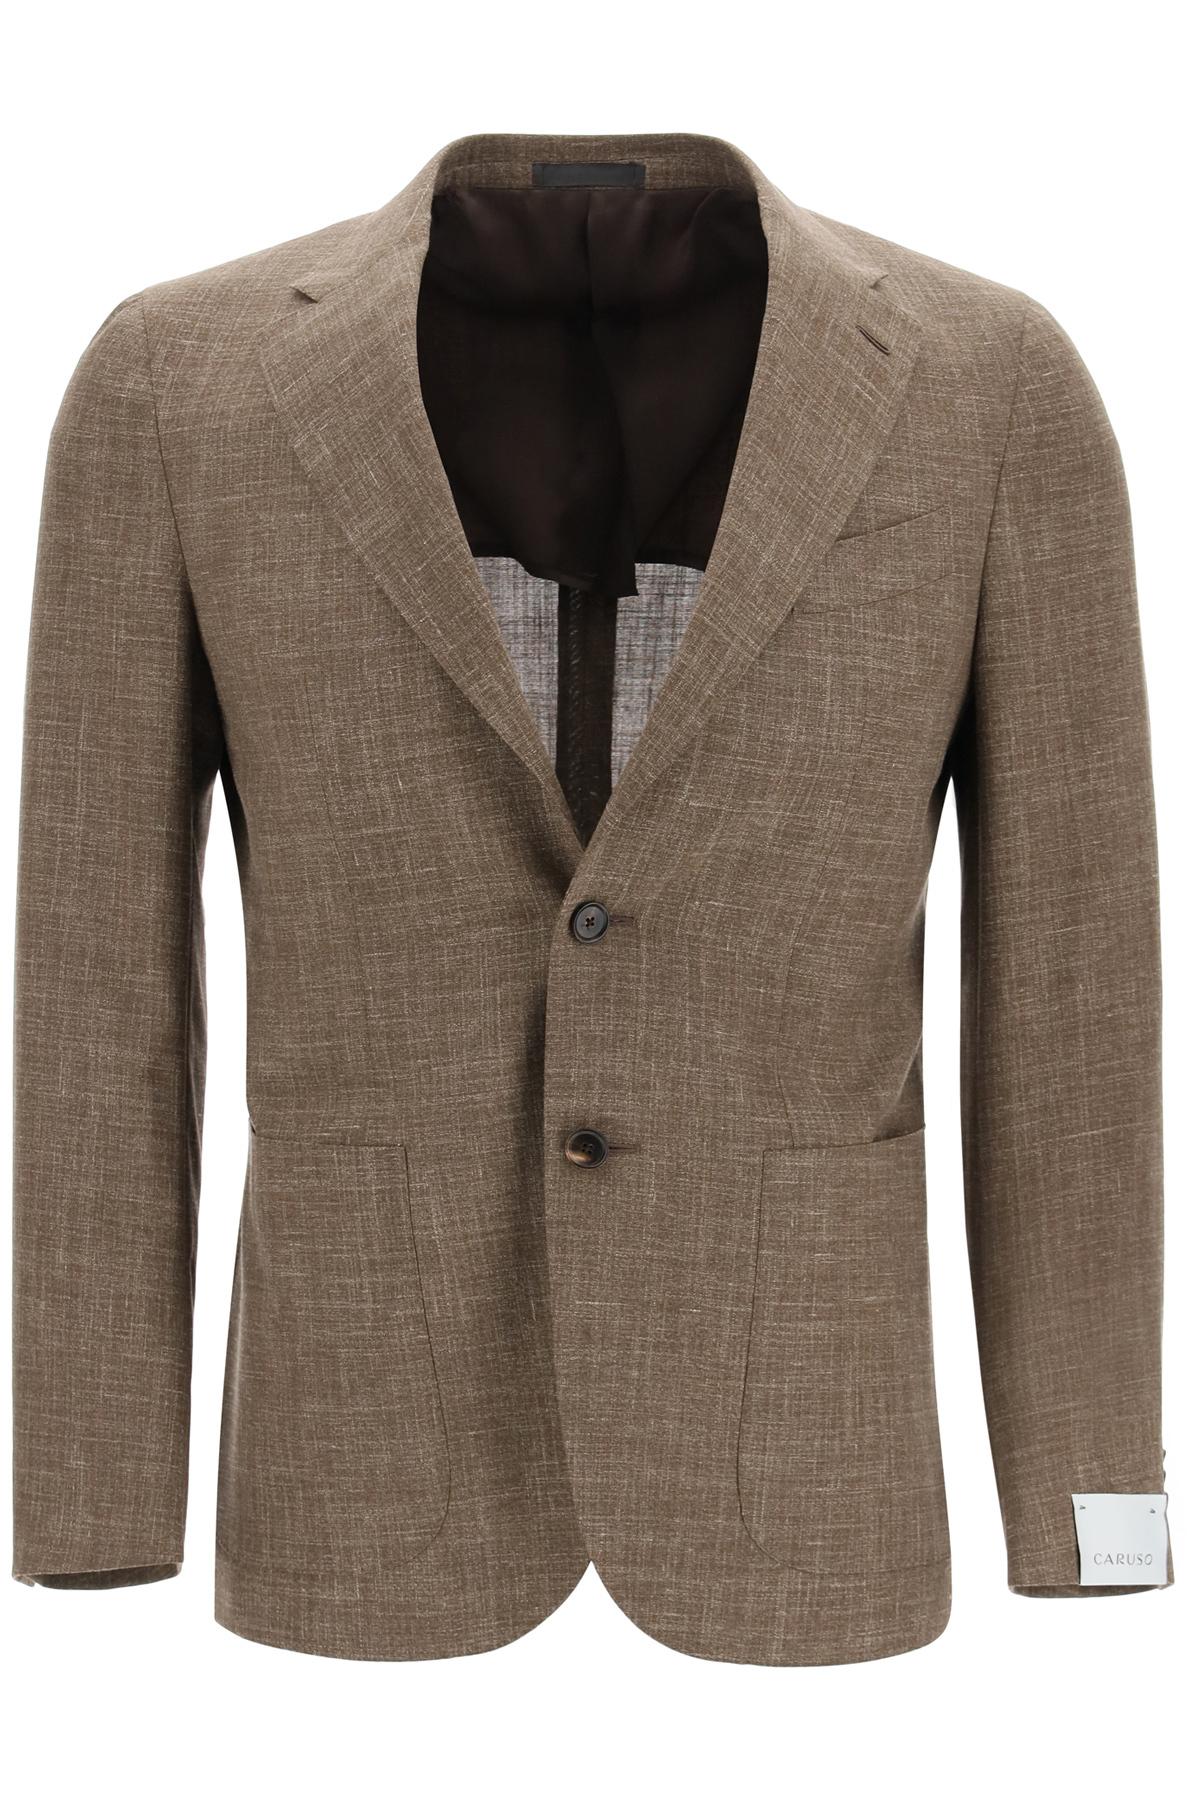 Caruso blazer tosca in misto lana seta e lino